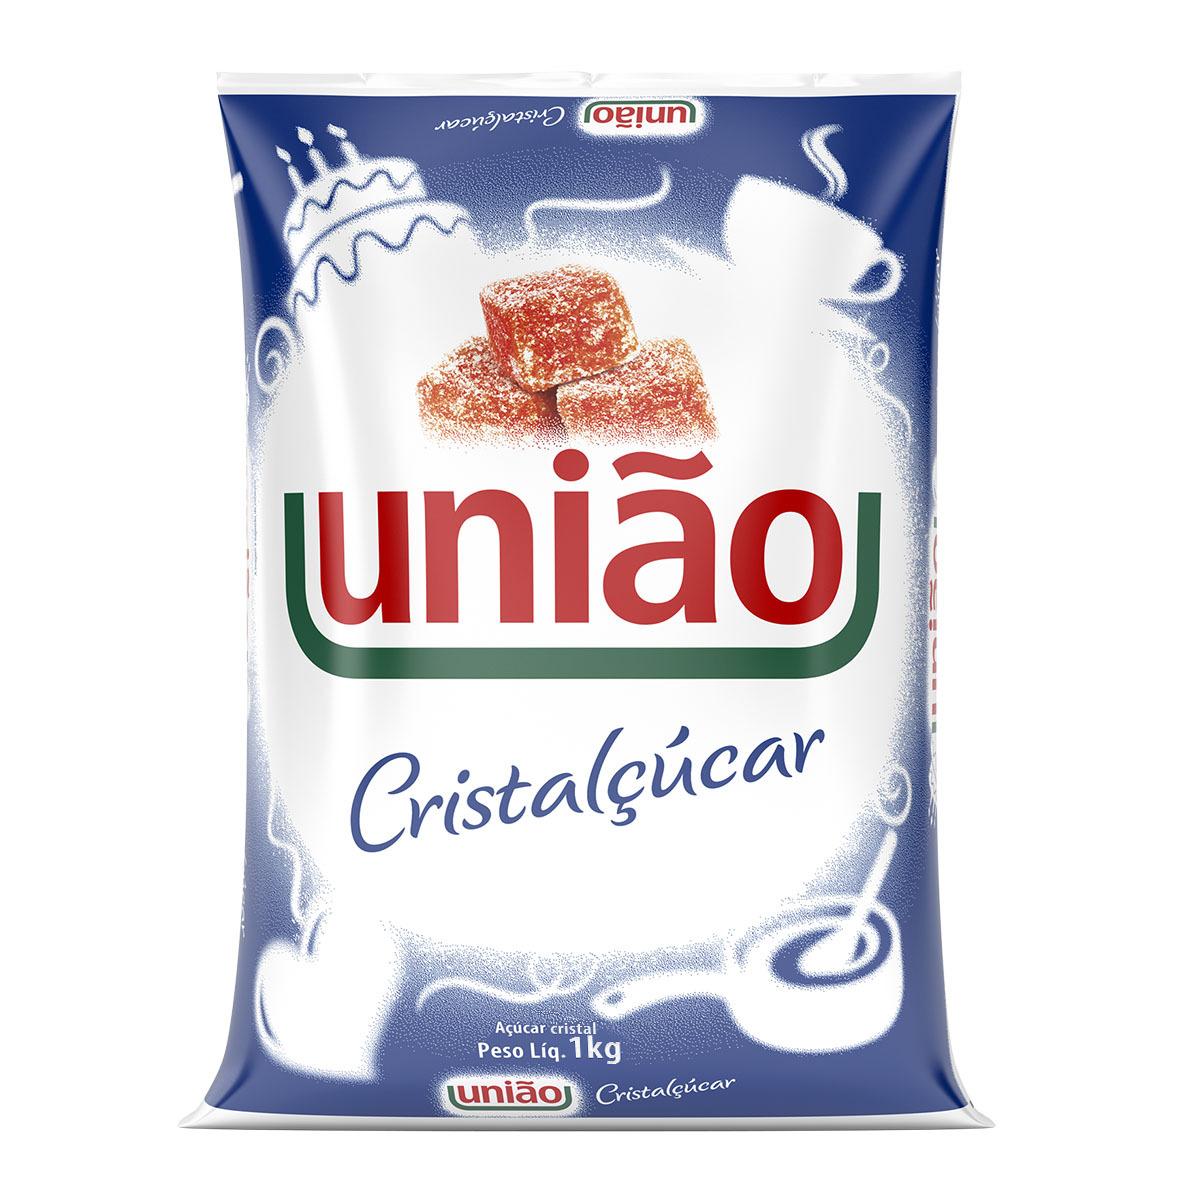 ACUCAR CRISTAL 1KG CRISTALCUCAR UNIAO